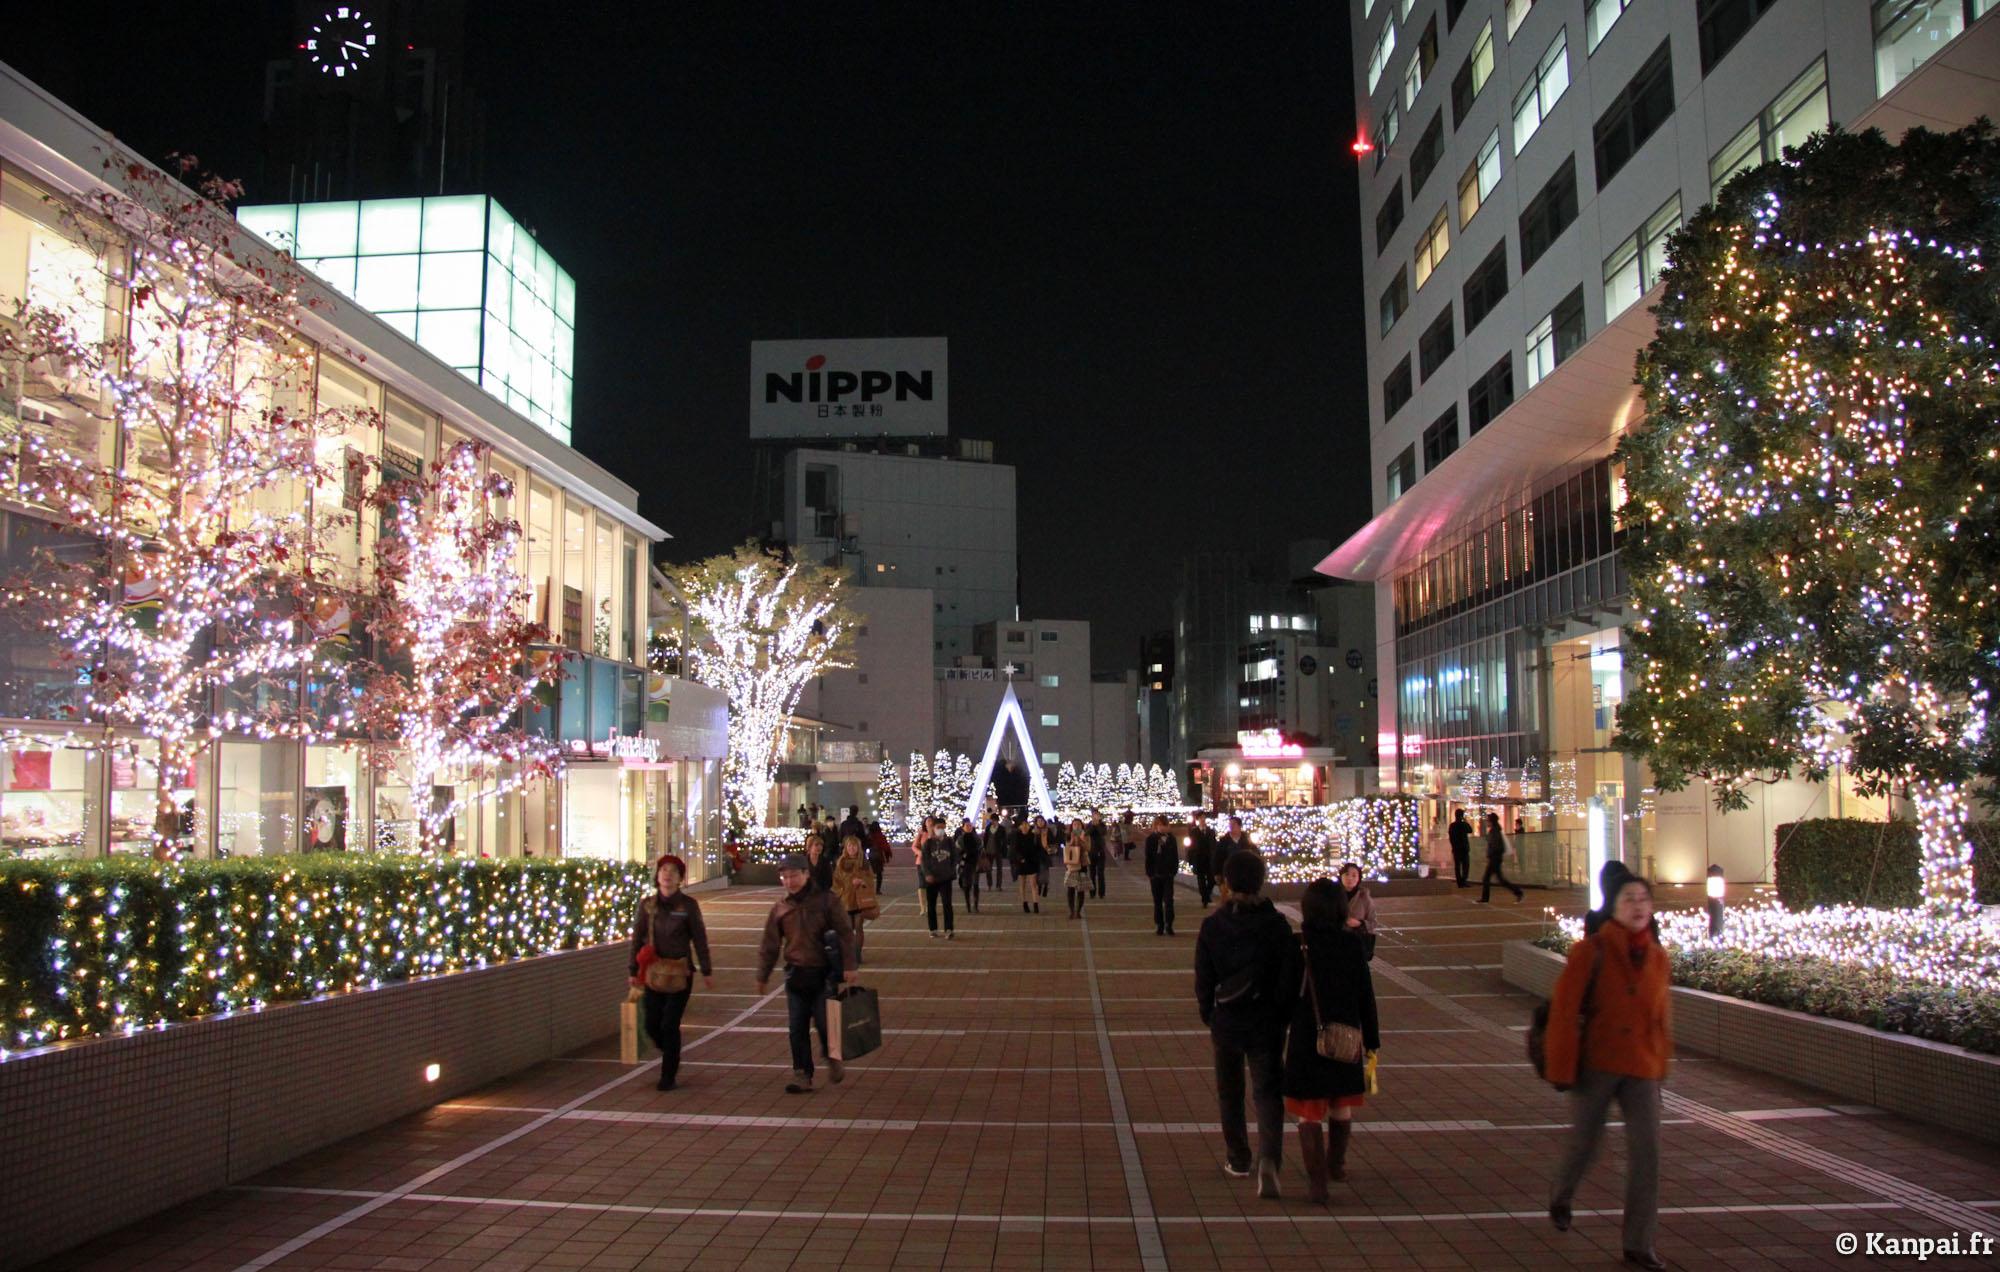 #8D6B3E Tokyo à Noël 5327 decorations de noel au japon 2000x1272 px @ aertt.com